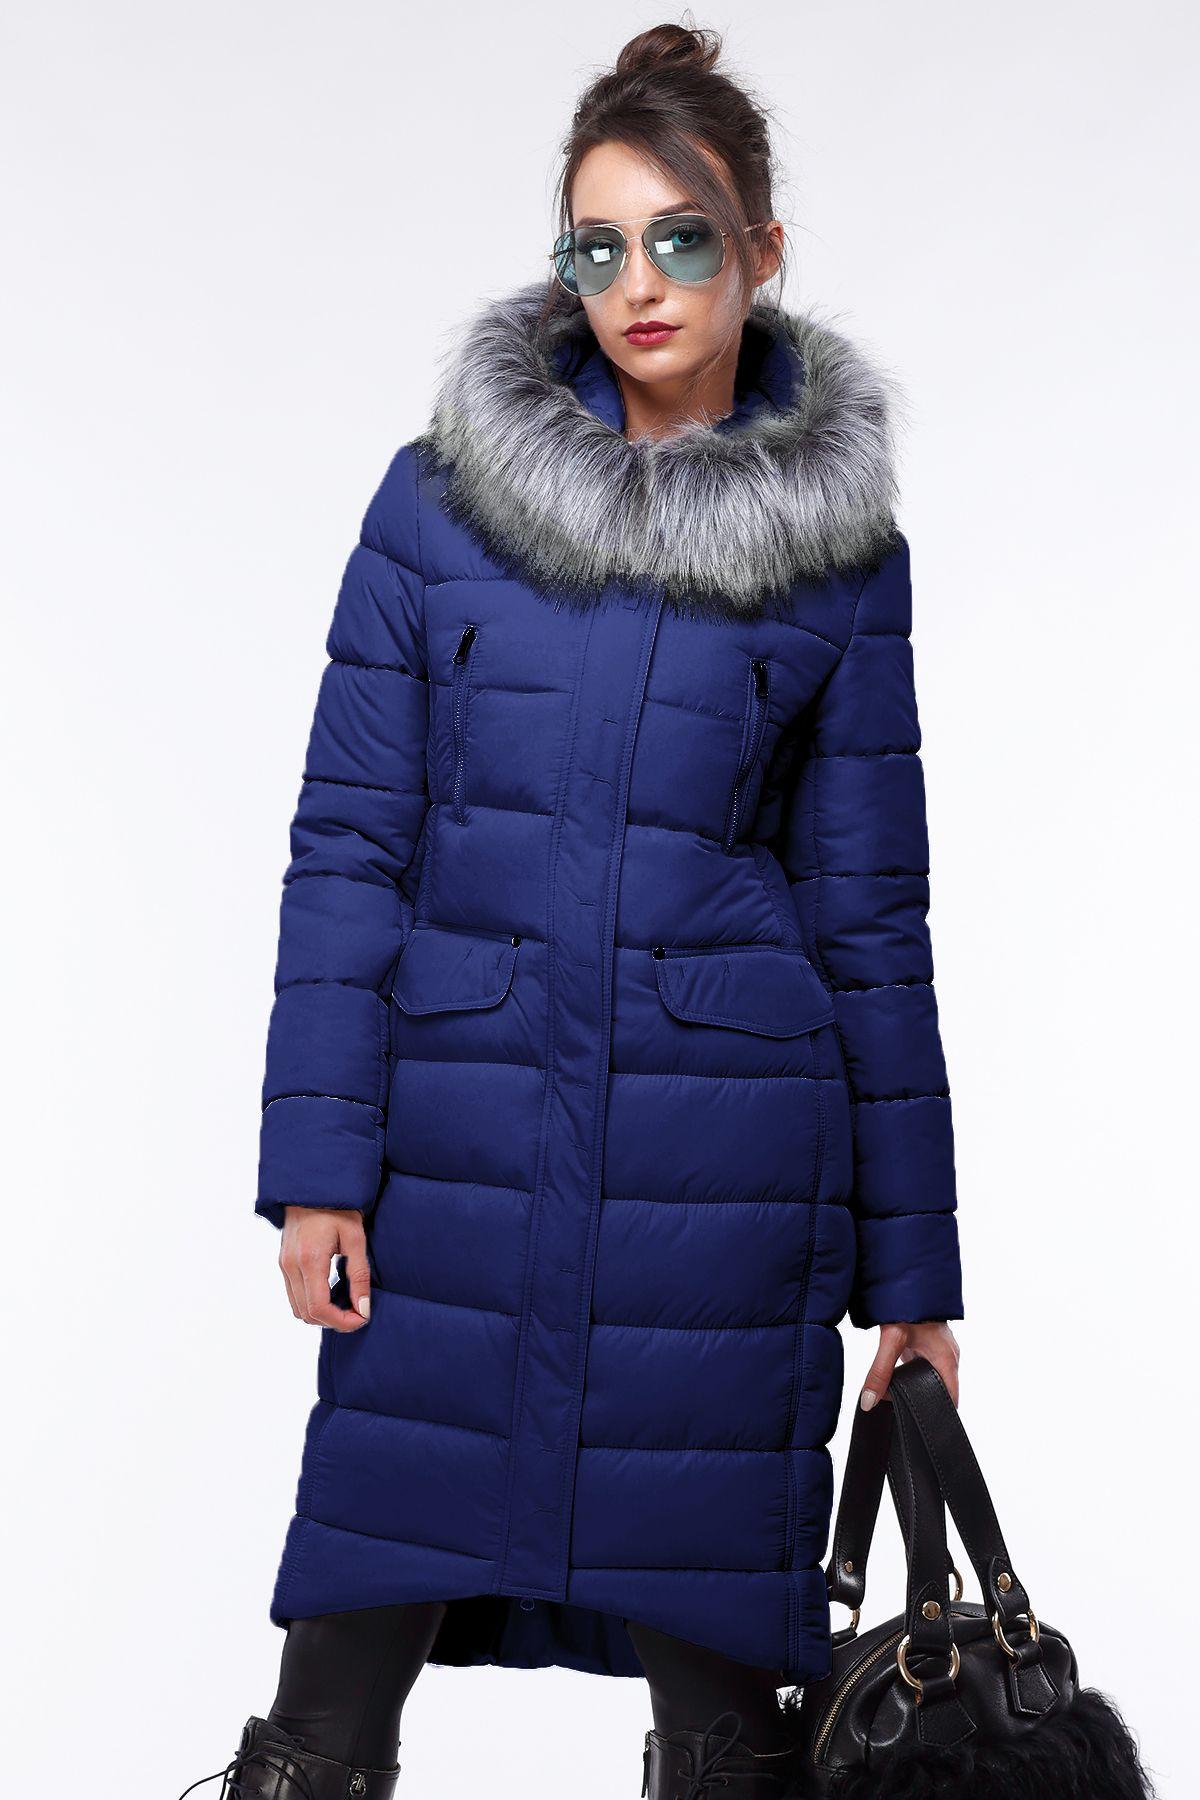 Длинное стеганое зимнее пальто пуховик Кэт от Nui Very - пальто зима  2017-2018 0da1bb2dcbdca